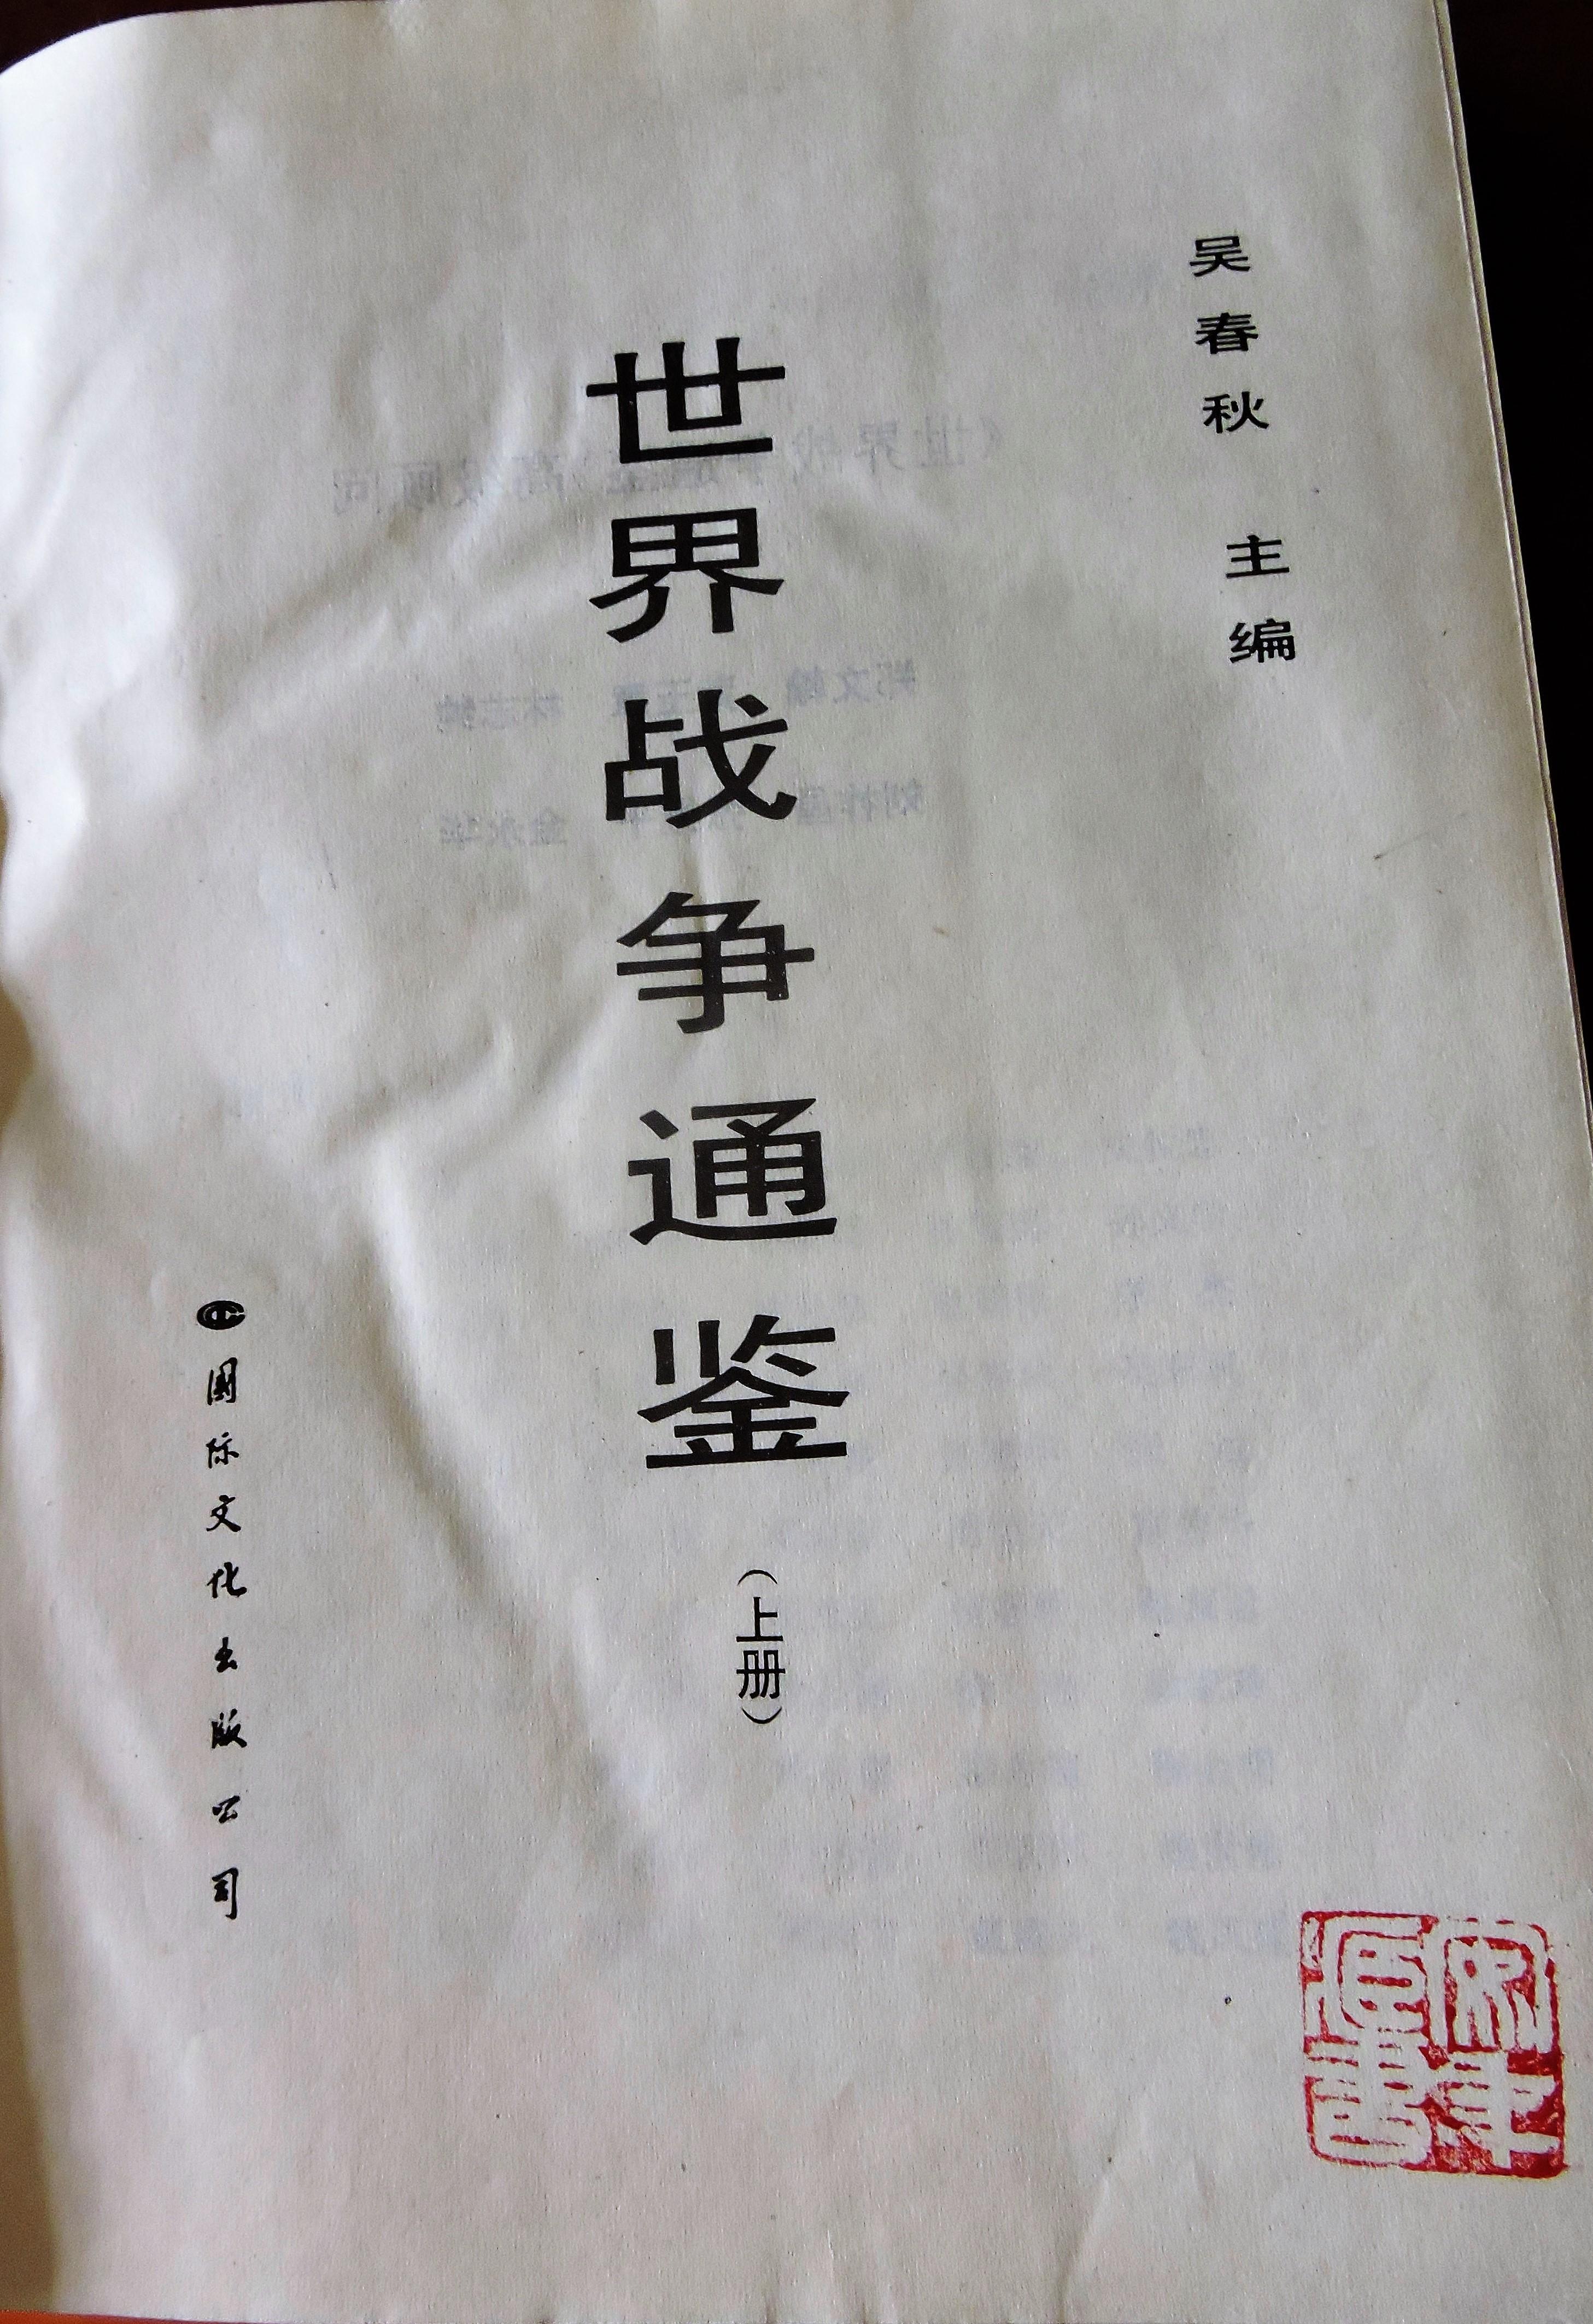 3 DSCN8737.jpg